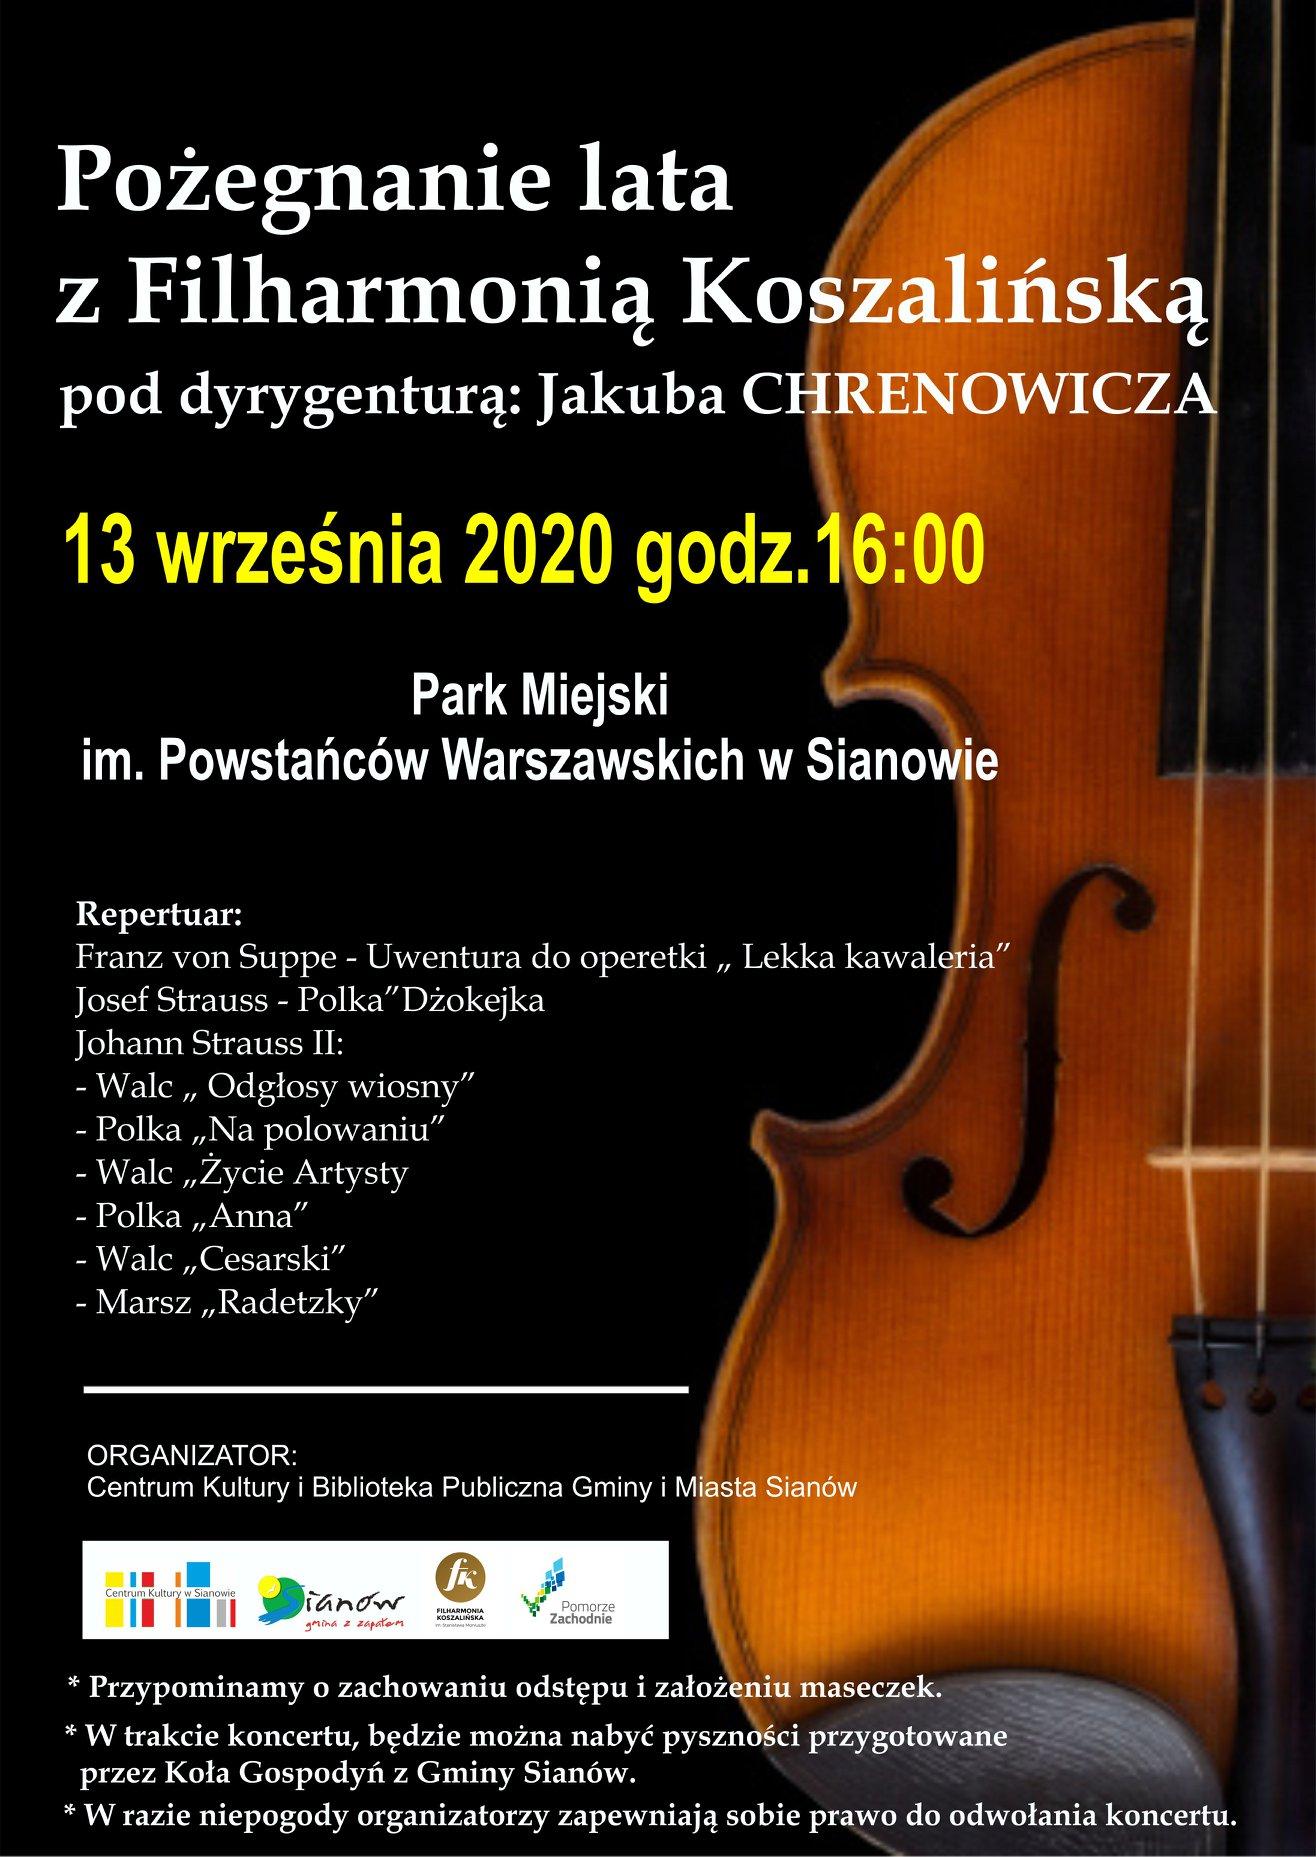 plakat informacyjny Pożegnanie lata z Filharmonią Koszalińska 13 września godz. 16:00 w Sianowie